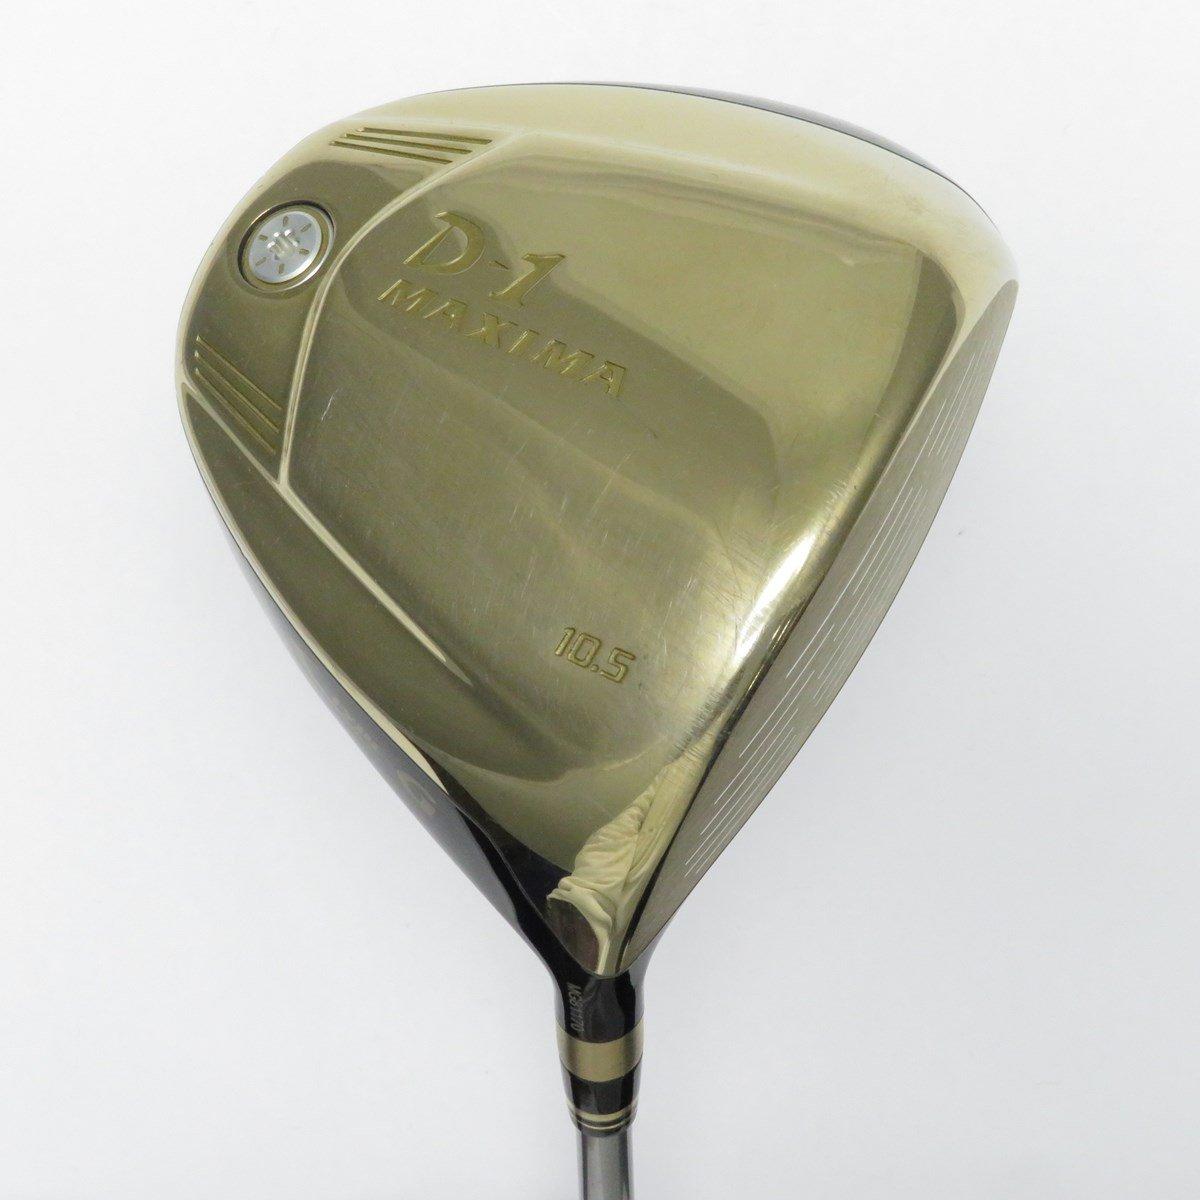 美品  【中古】リョーマ ゴルフ ゴルフ RYOMA RYOMA AD GOLF Tour Ryoma D-1 MAXIMA TYPE-G(メーカー公認中古) ドライバー Tour AD MX-G B07D7TQFMT, 宮原町:b426a620 --- gamelabo.xyz